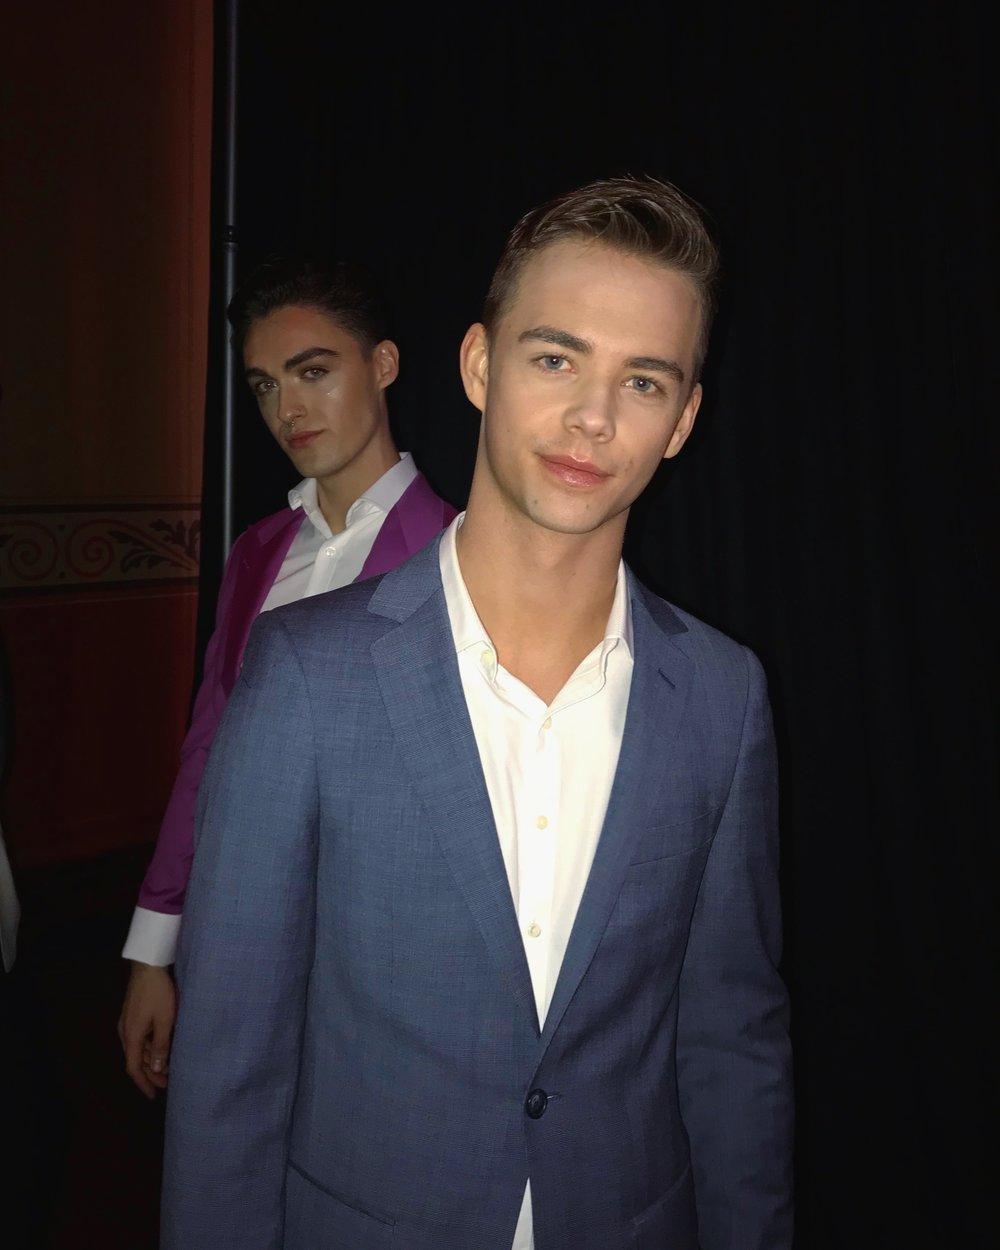 Nick & Oskar backstage